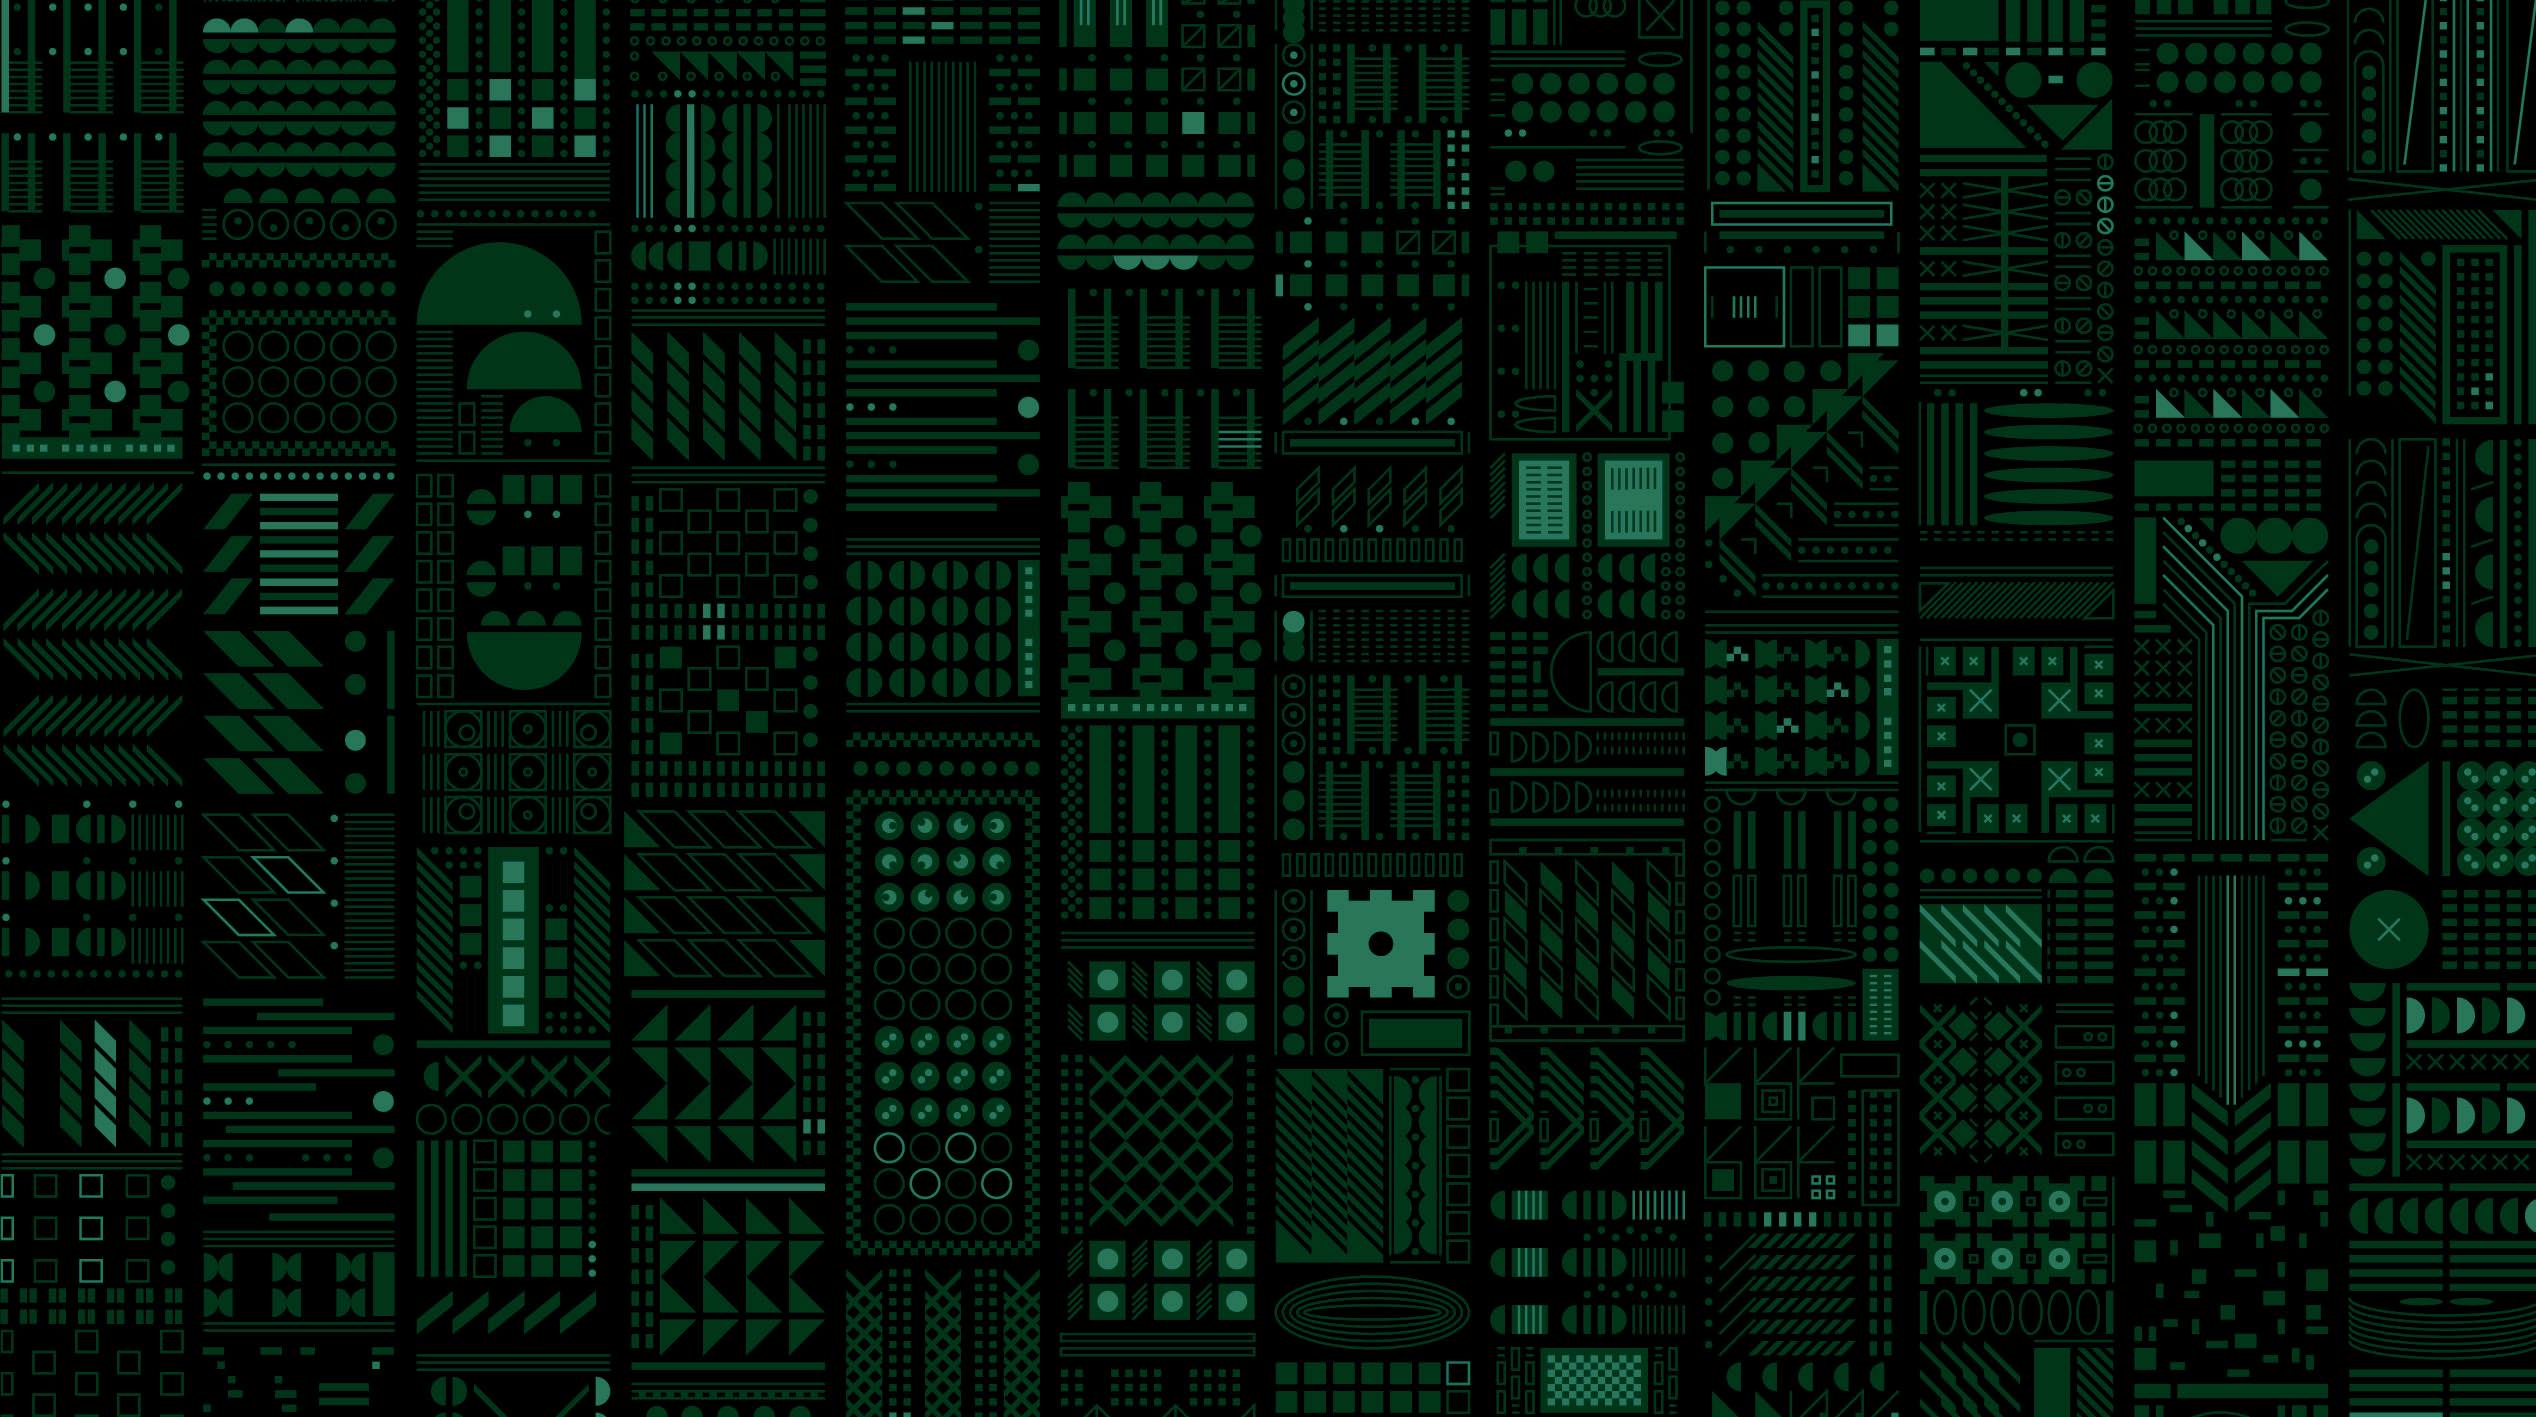 Simt_pattern_LukaMancini3